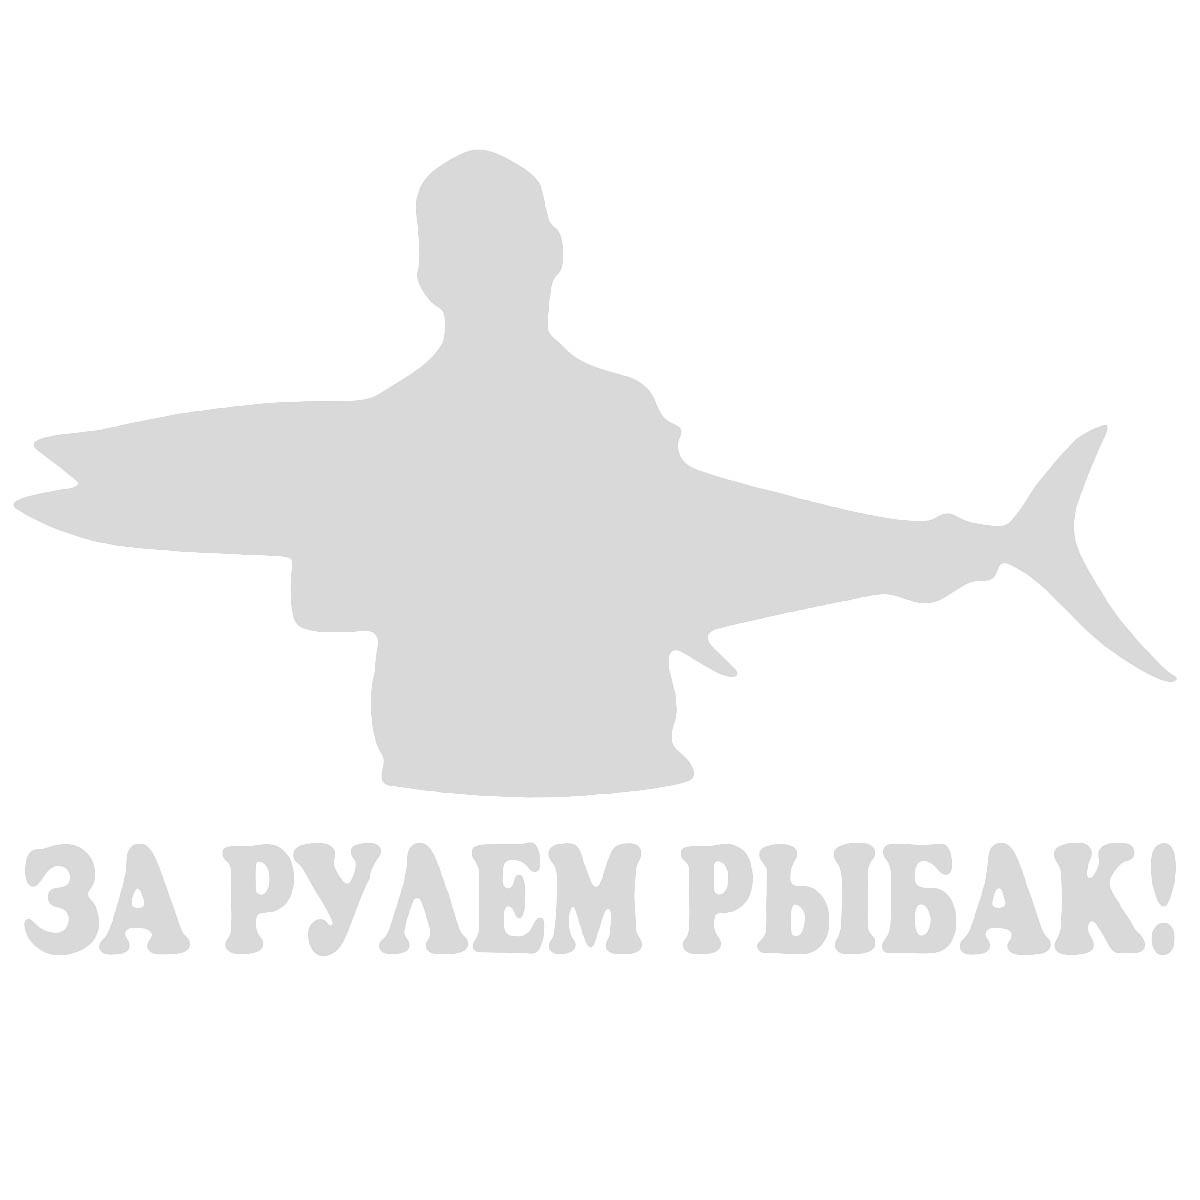 Наклейка на автомобиль За рулем рыбак белая виниловая 11х17 для автомобиля или на автомобиль